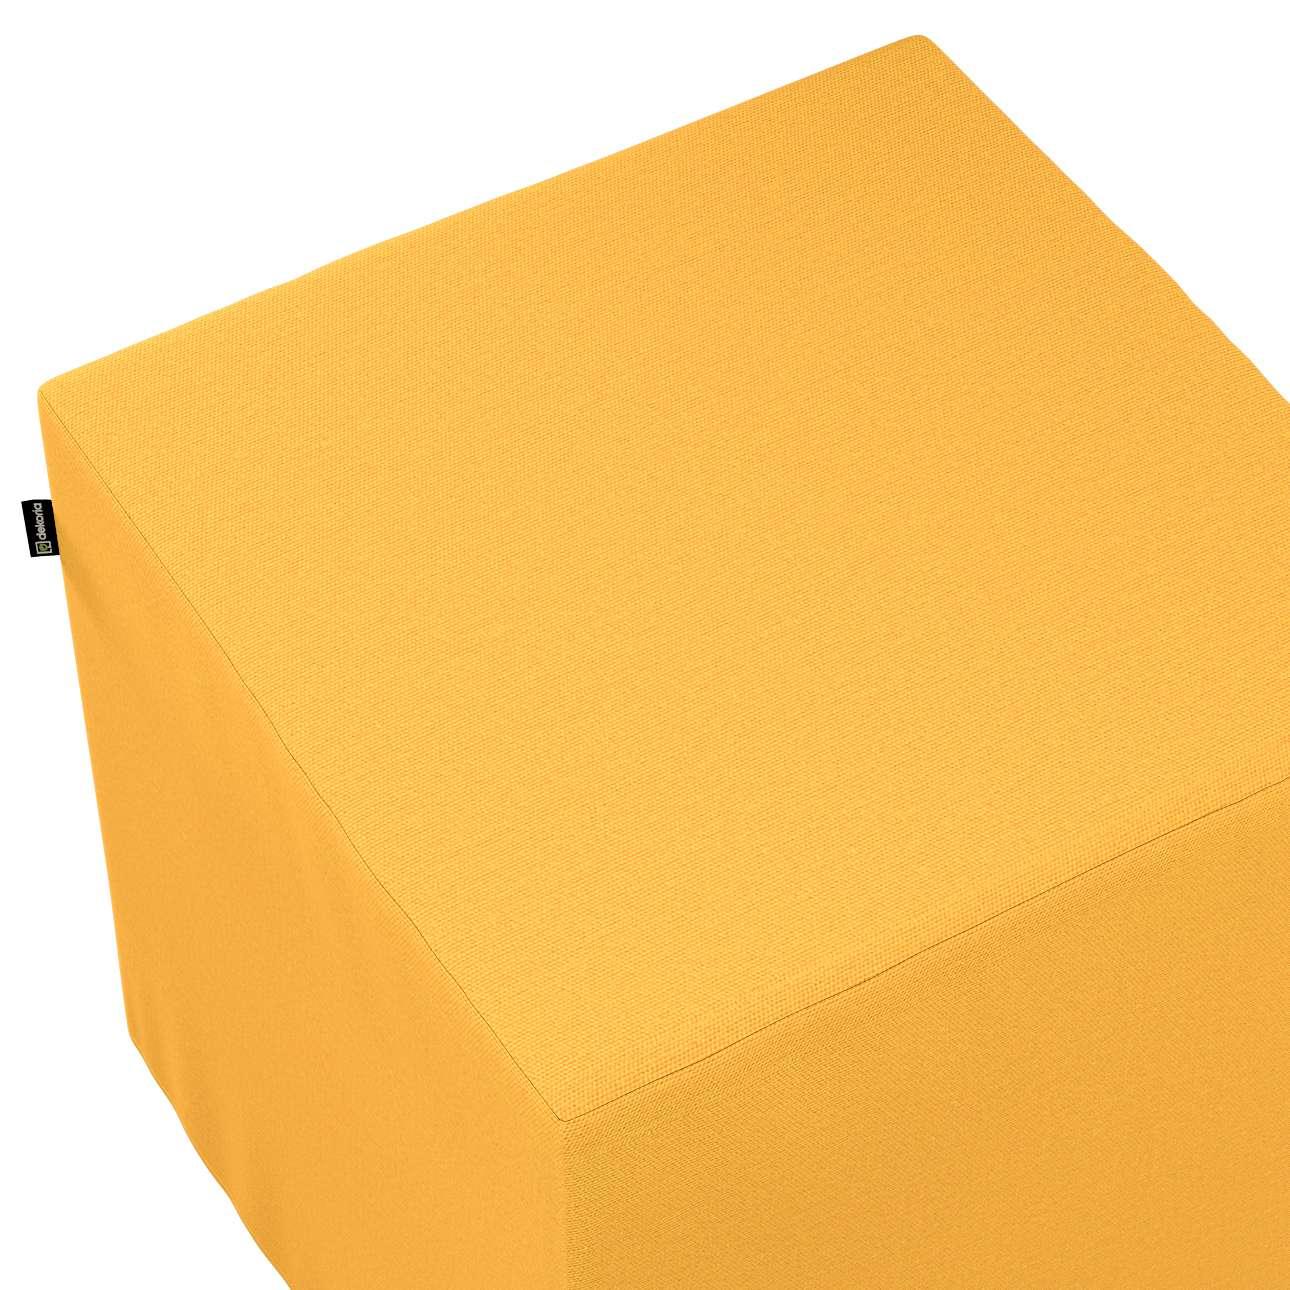 Pokrowiec na pufę kostkę w kolekcji Loneta, tkanina: 133-40